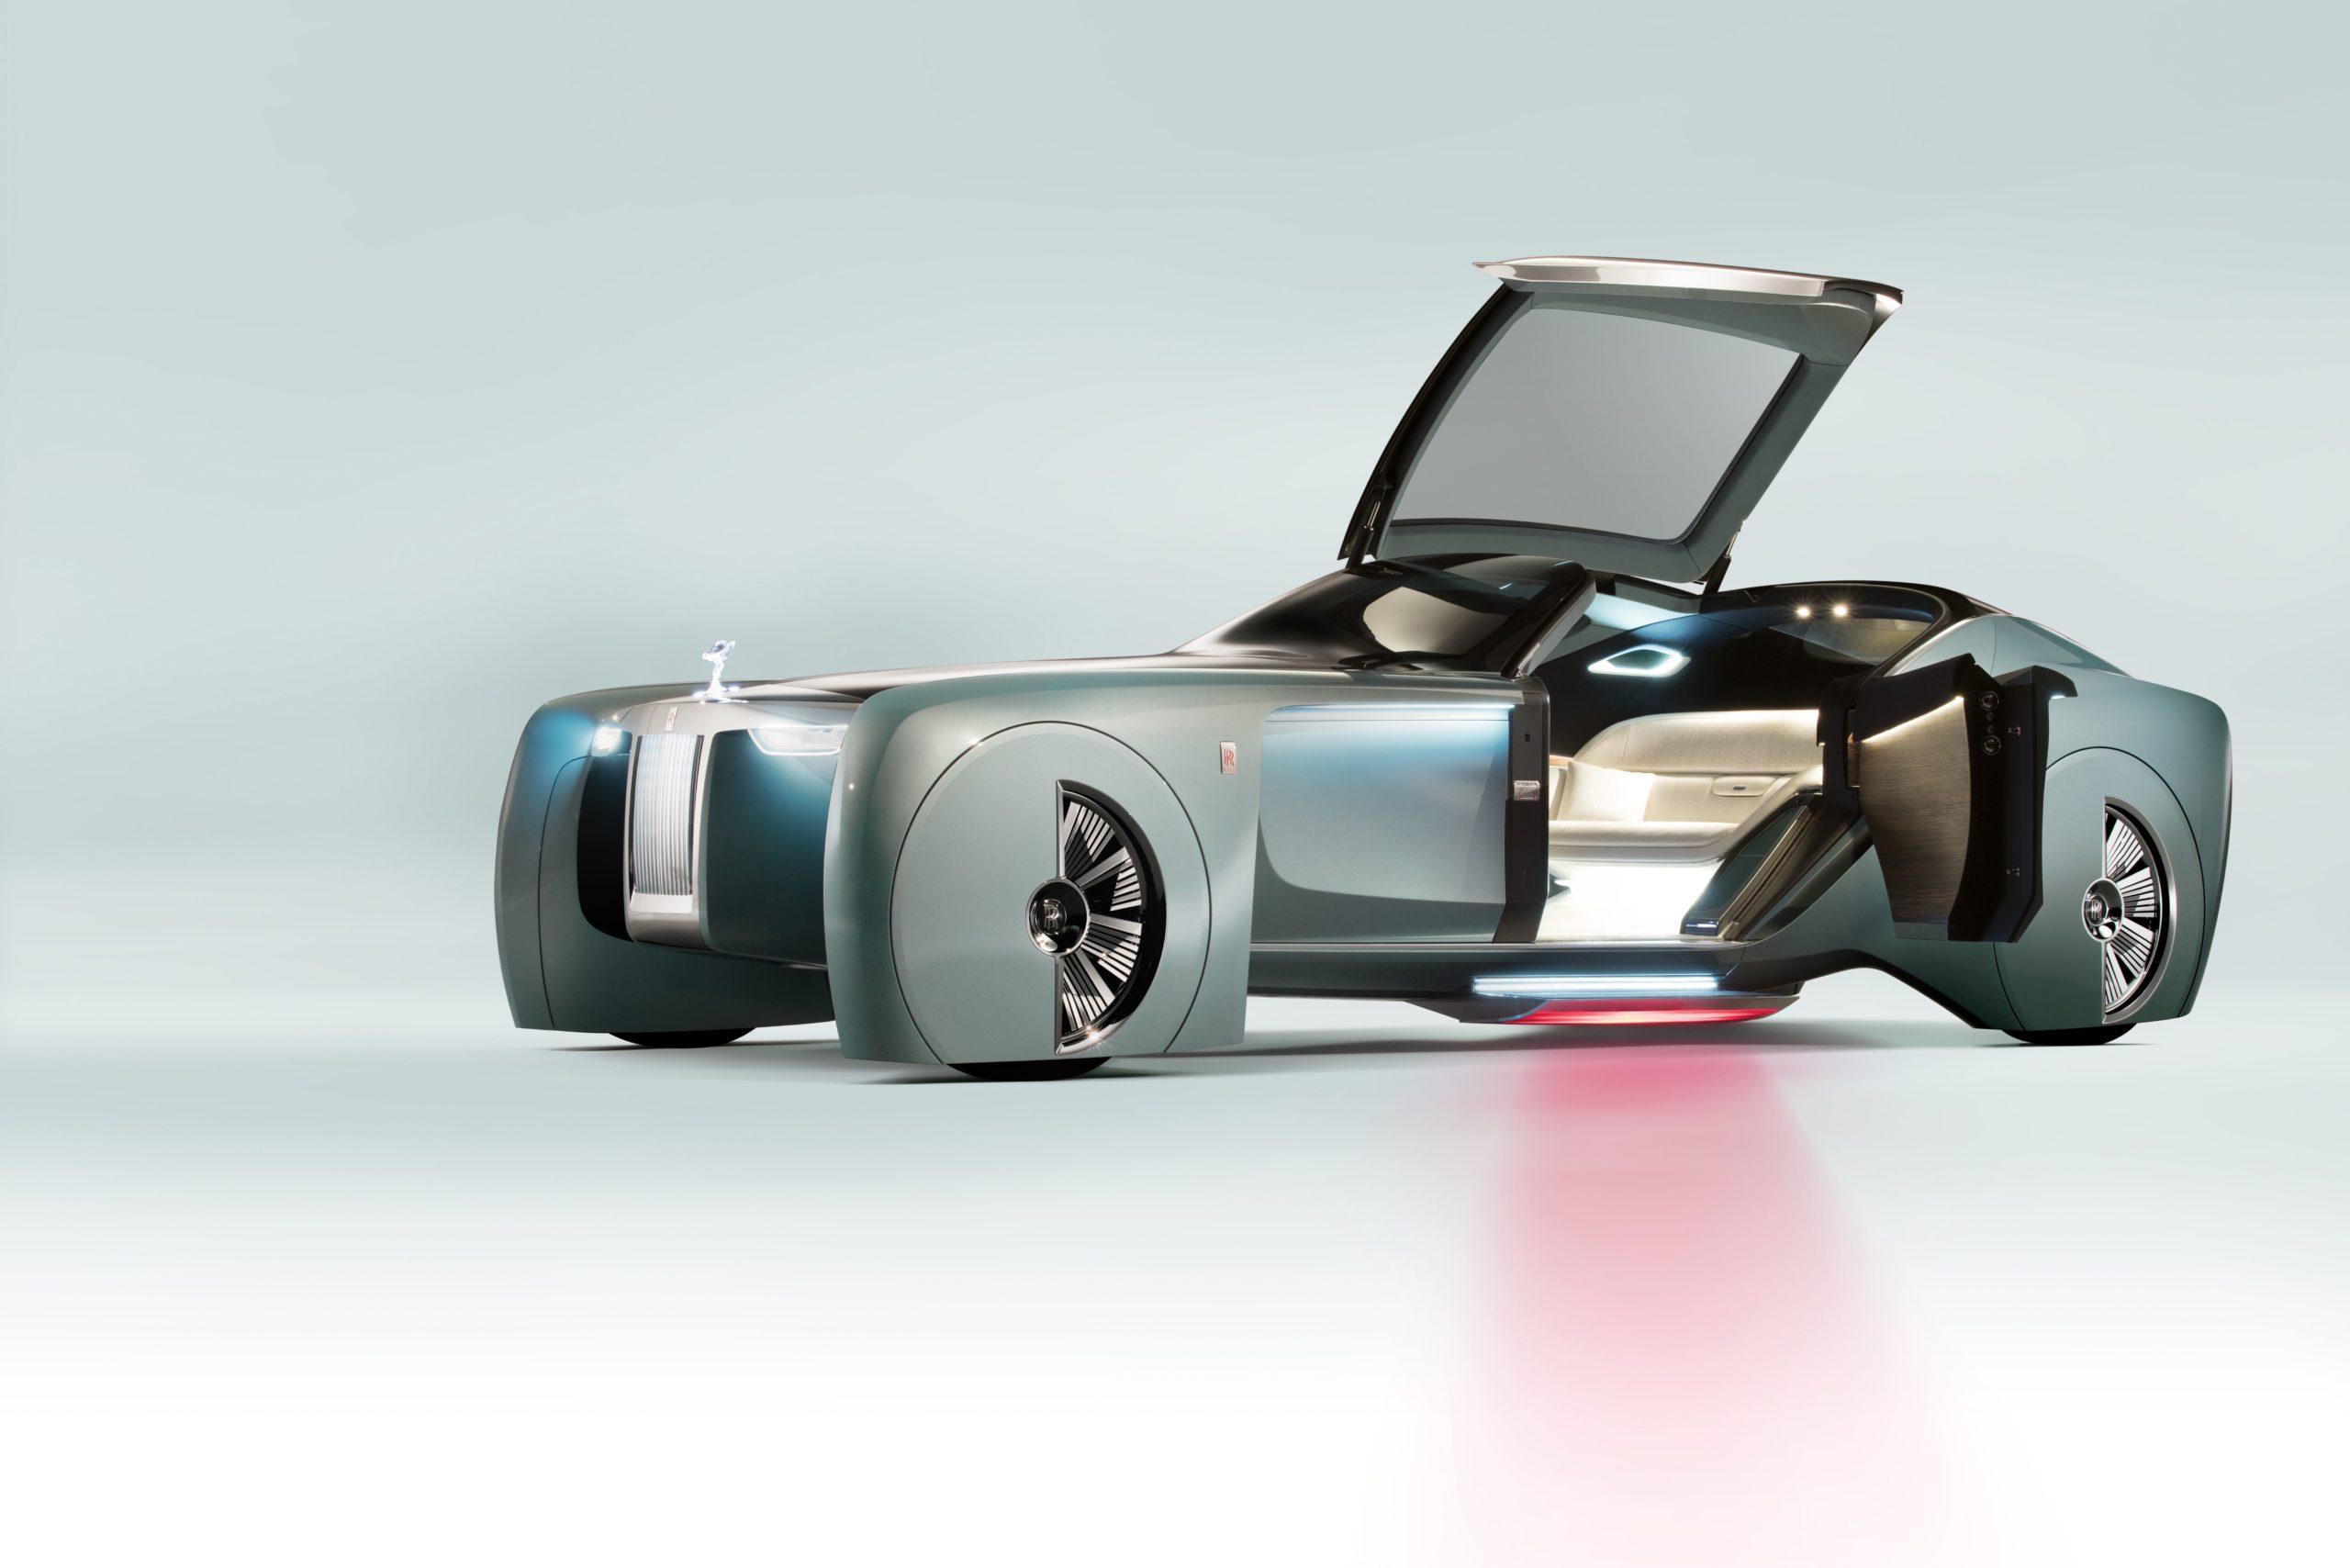 Rolls Royce Vision Next 100 (Courtesy Rolls Royce Motor Cars, (C) BMW AG)